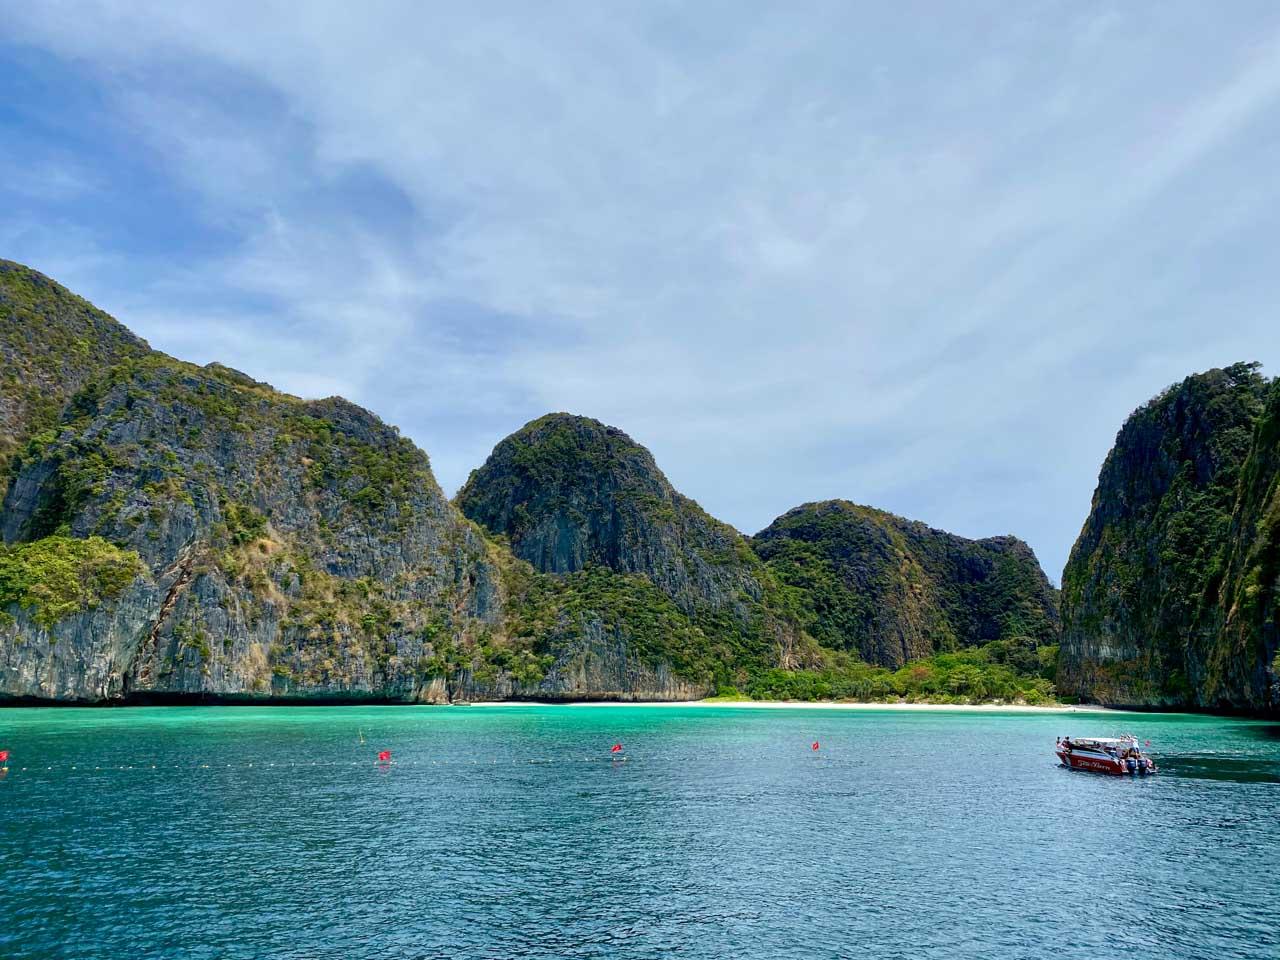 Visitando a Maya Bay com a praia fechada. - durante os passeios em Phi Phi, Tailândia